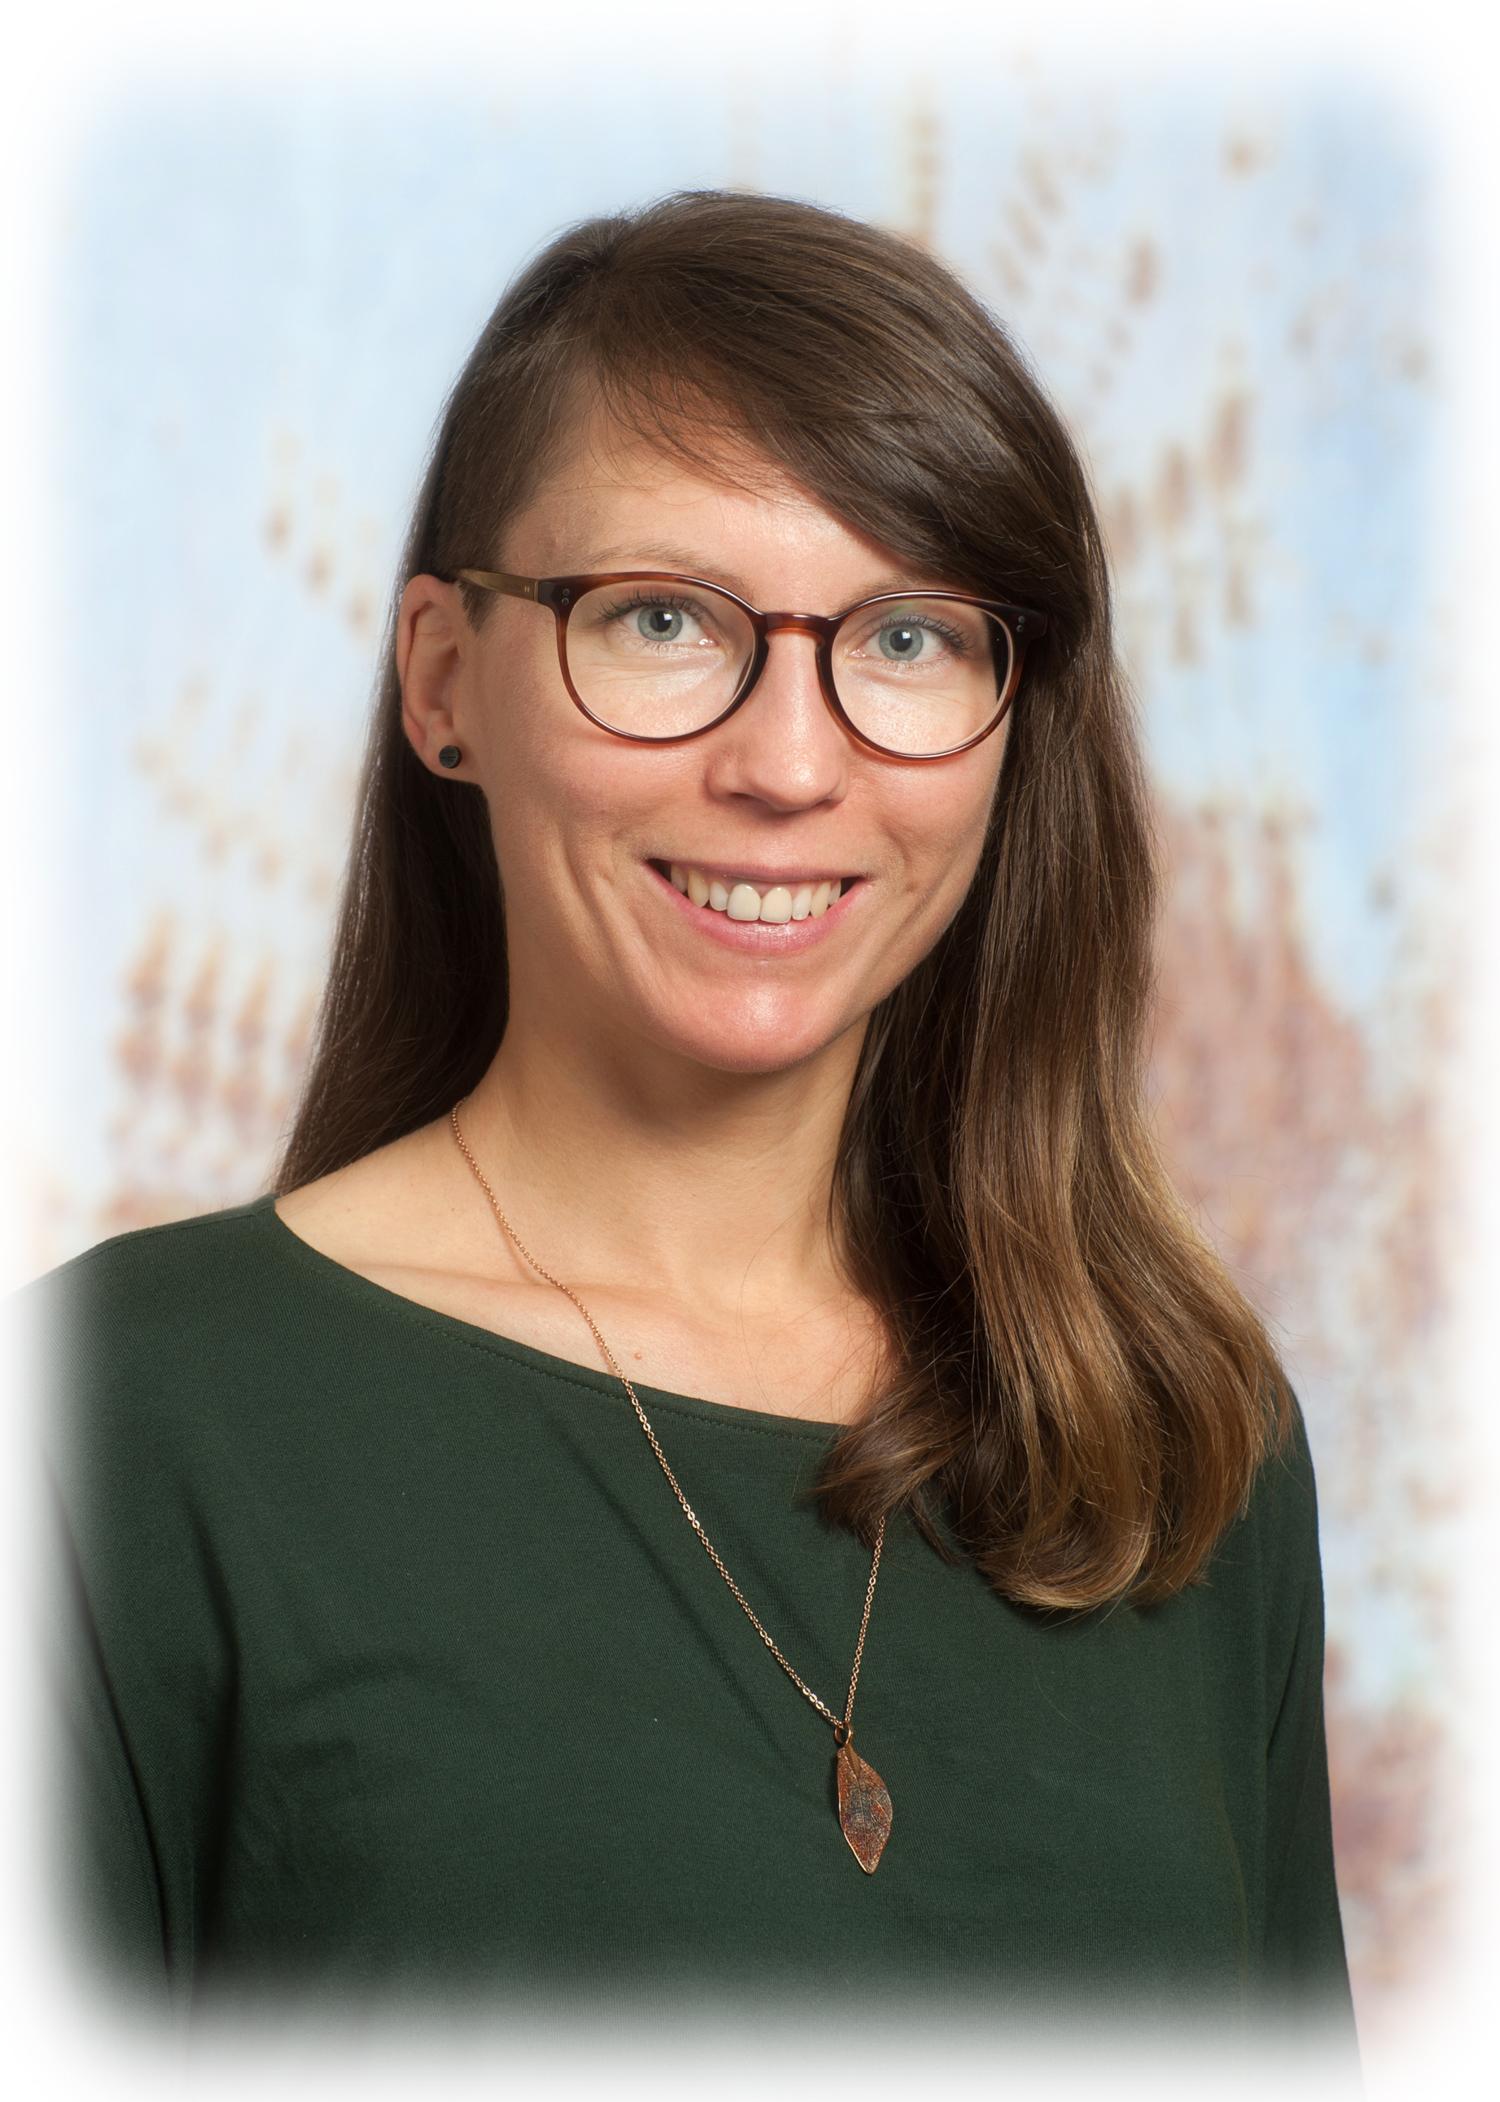 Silke Koppensteiner